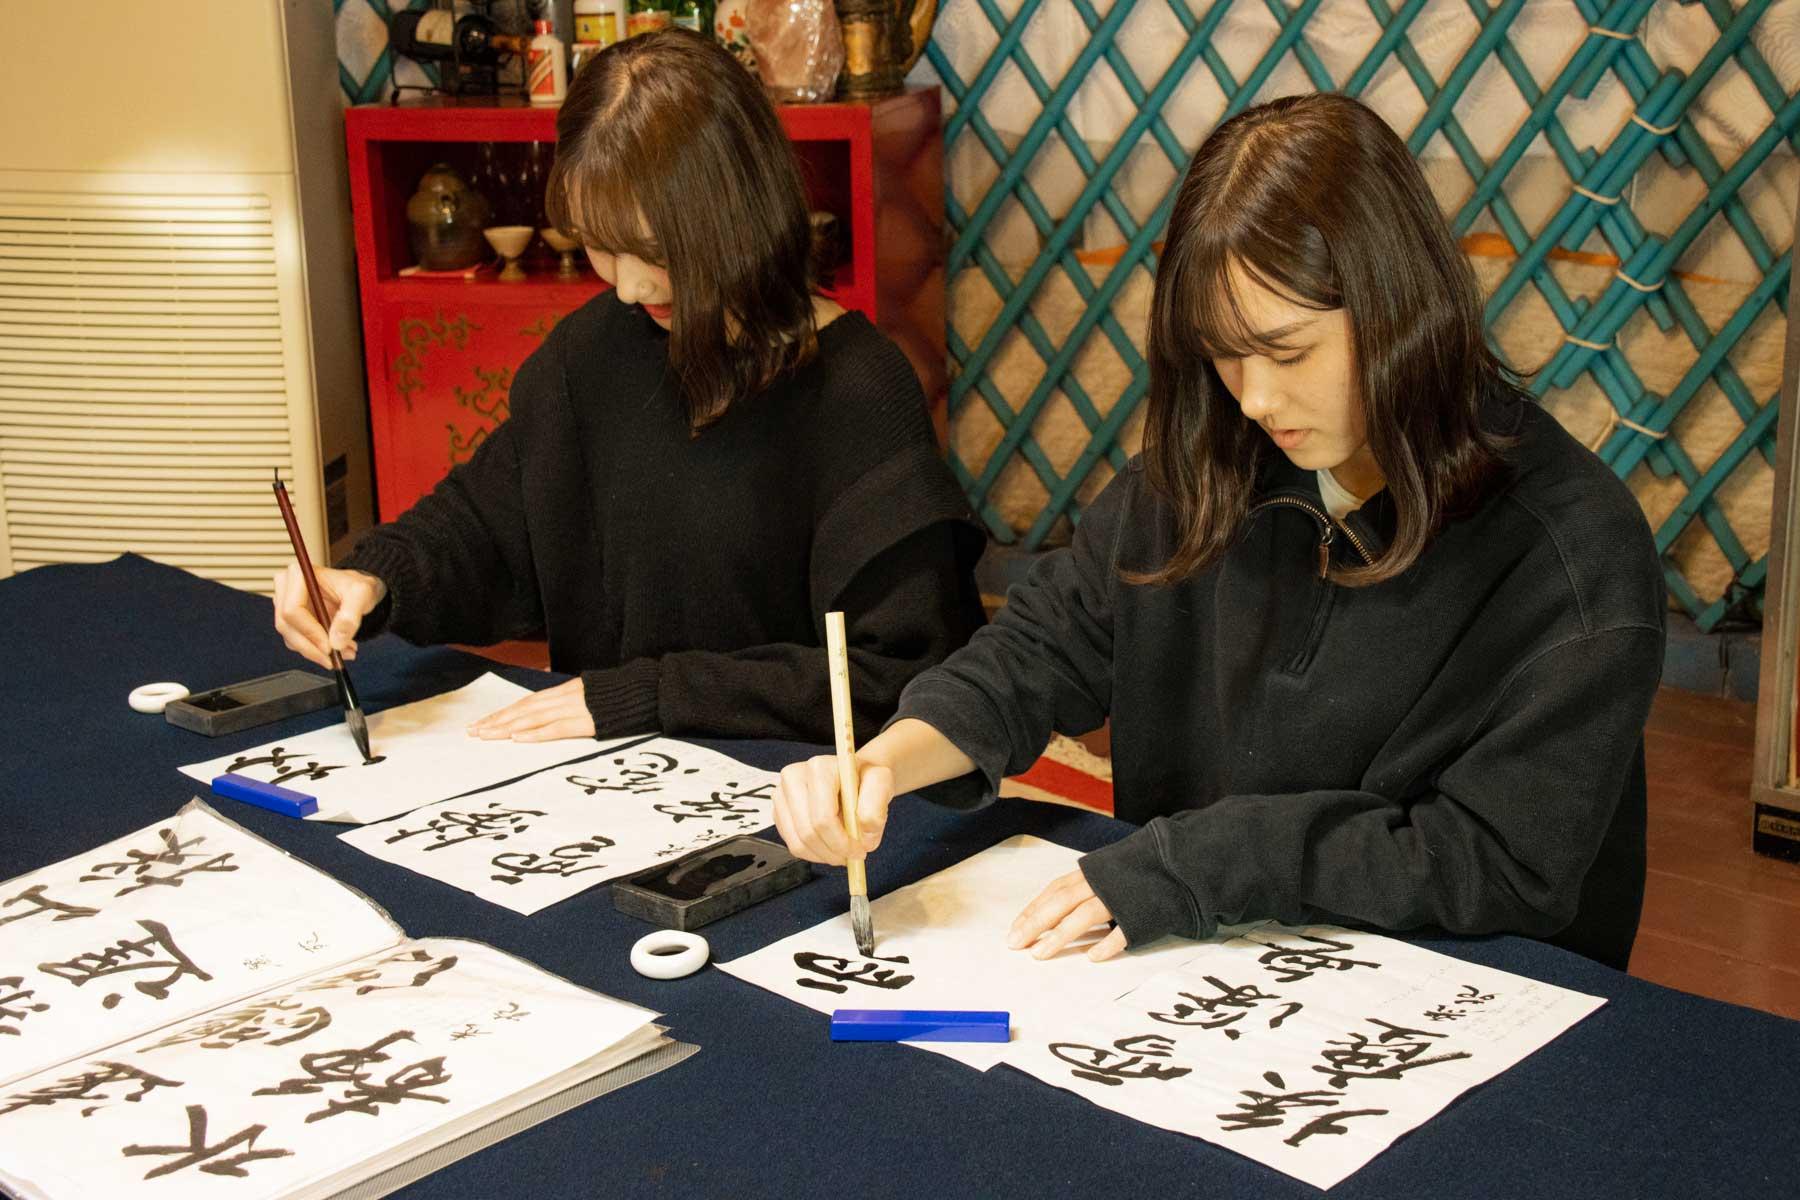 オータニ モンゴルの里での日本書道体験を楽しむ女の子たち